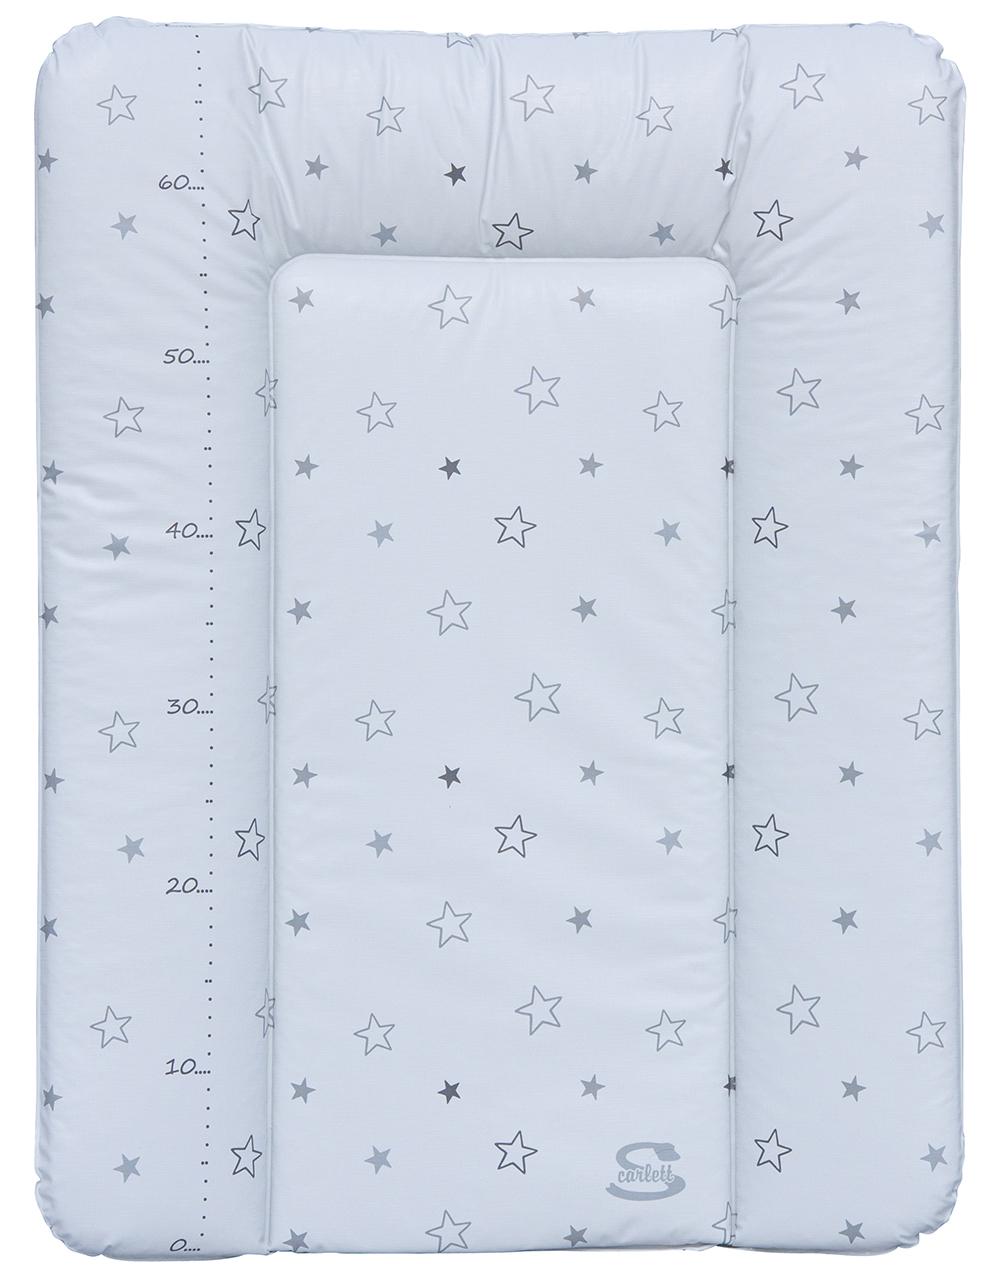 Podložka na komodu Scarlett Hvězdička - bílá - 50 x 72 cm